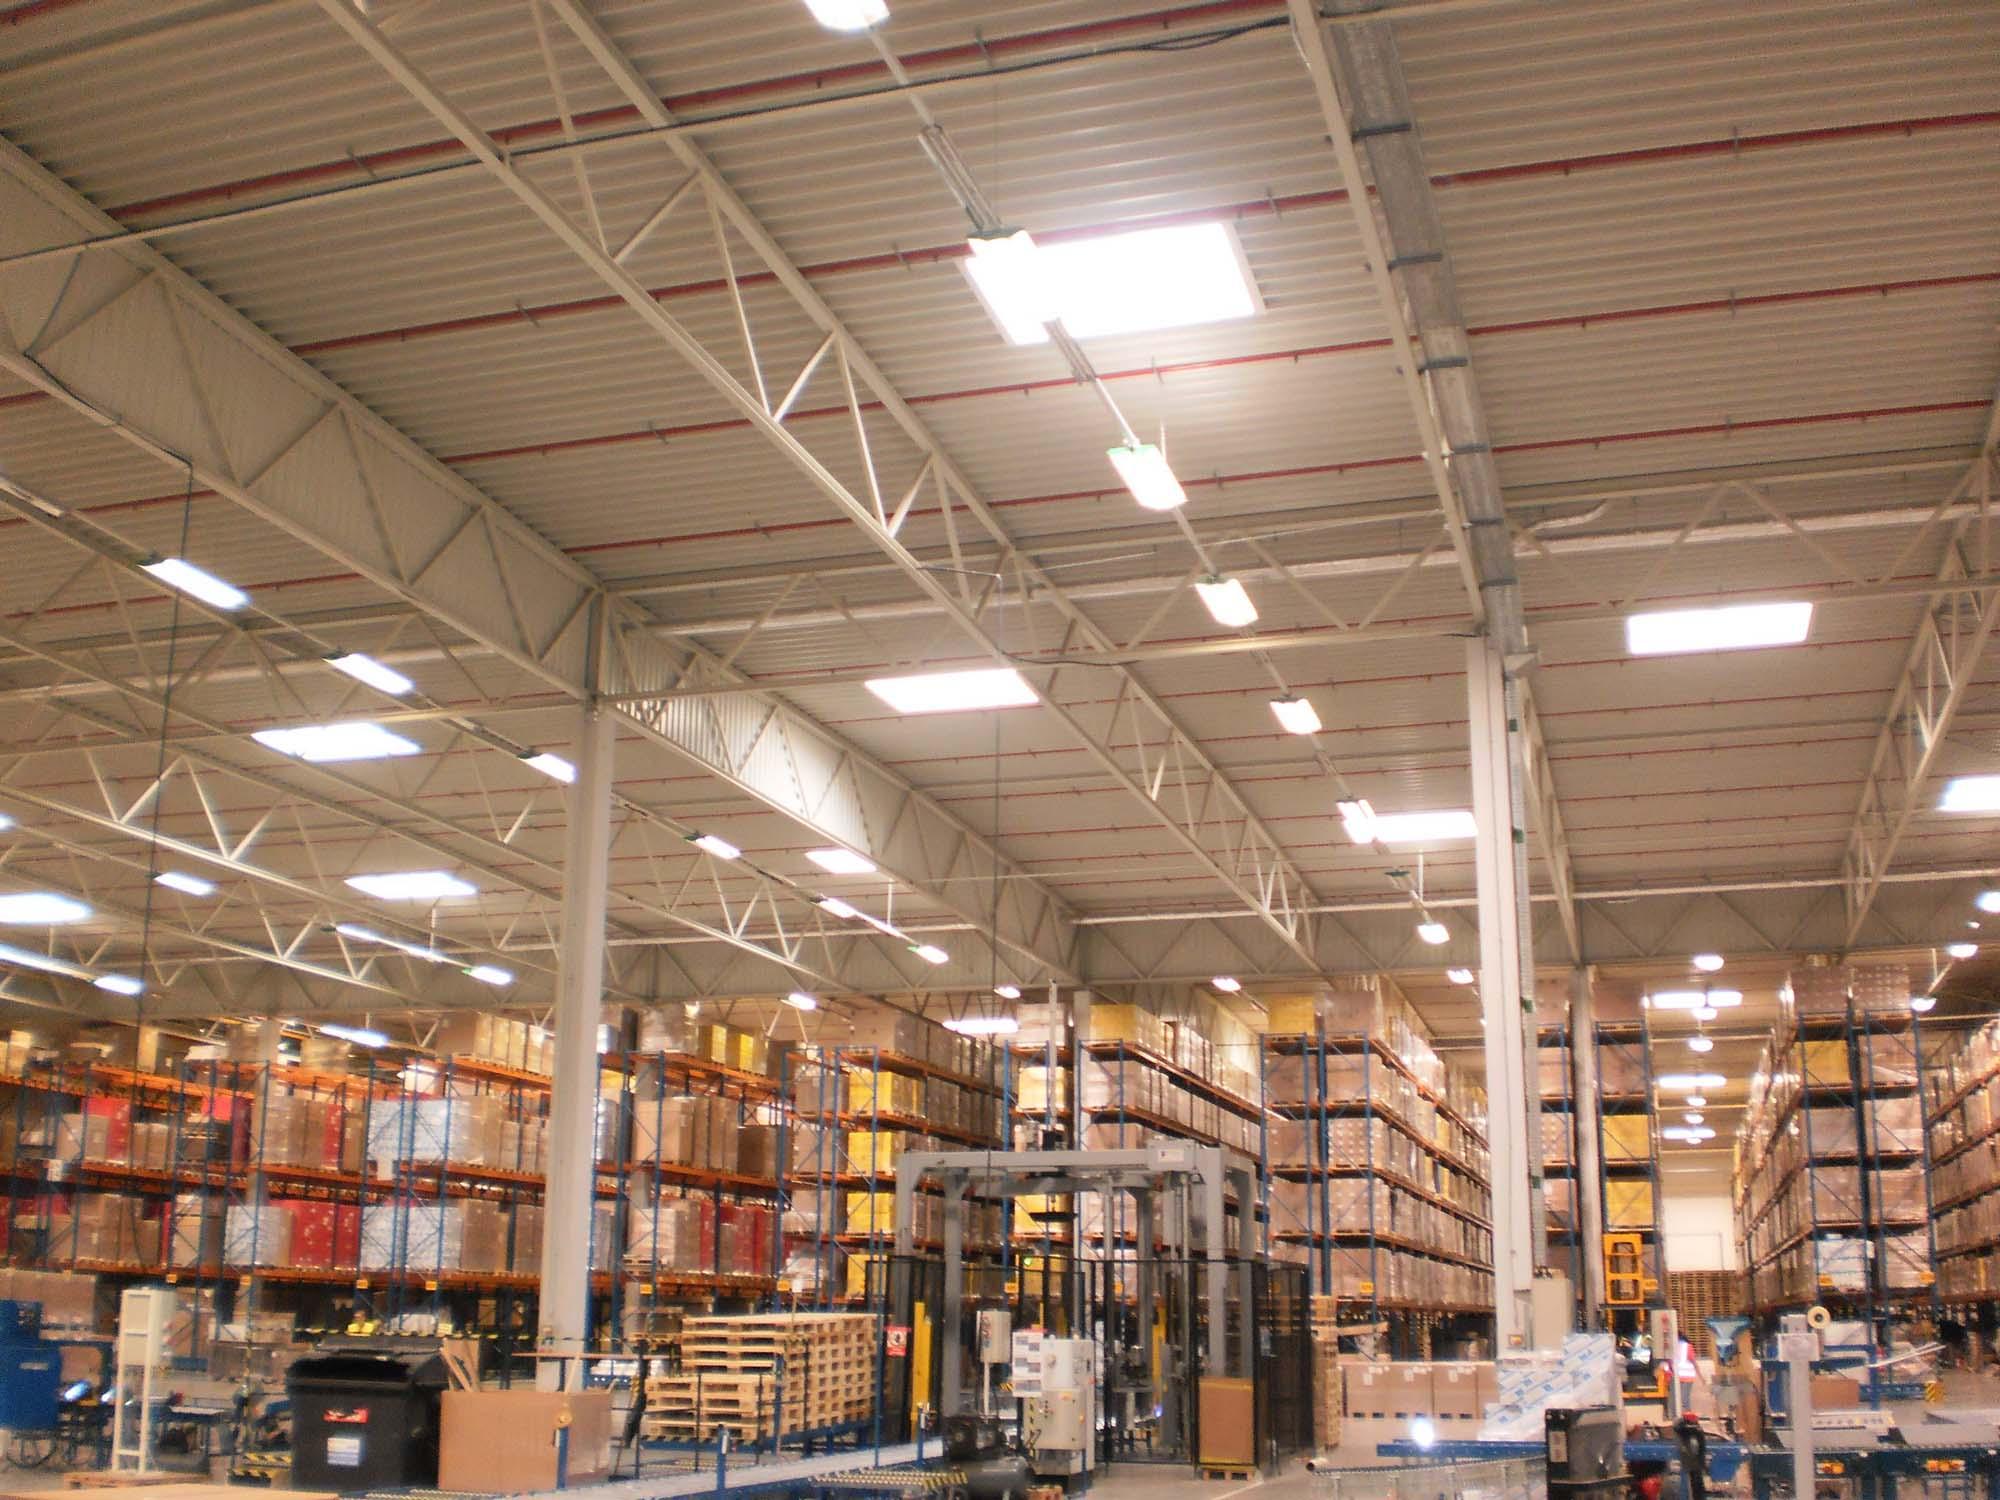 Reinstalace-osvětlovací-soustavy-ve-skladových-halách-DH